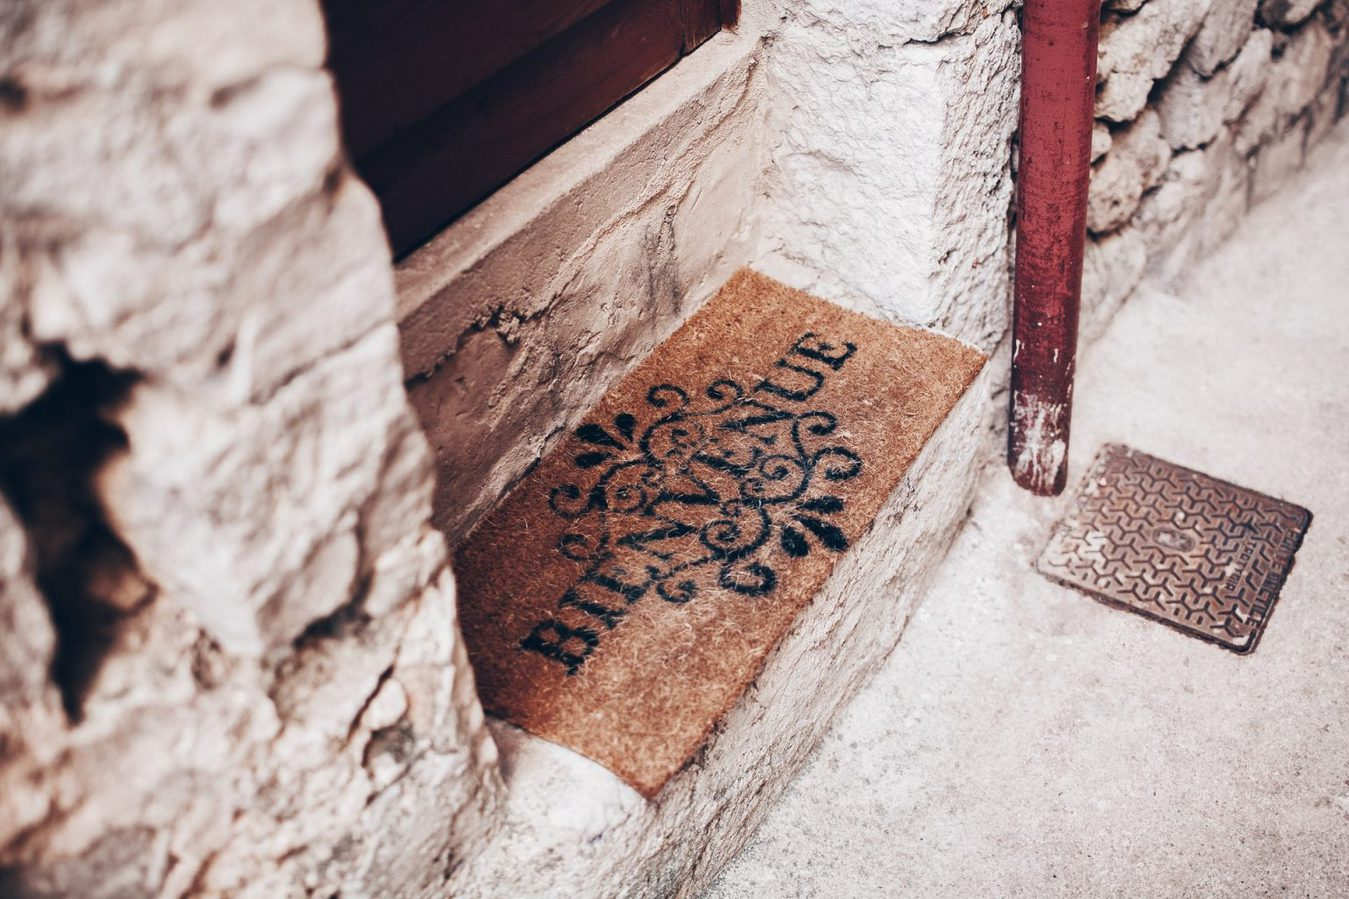 Zerbino con scritta 'benvenuto' in francesce